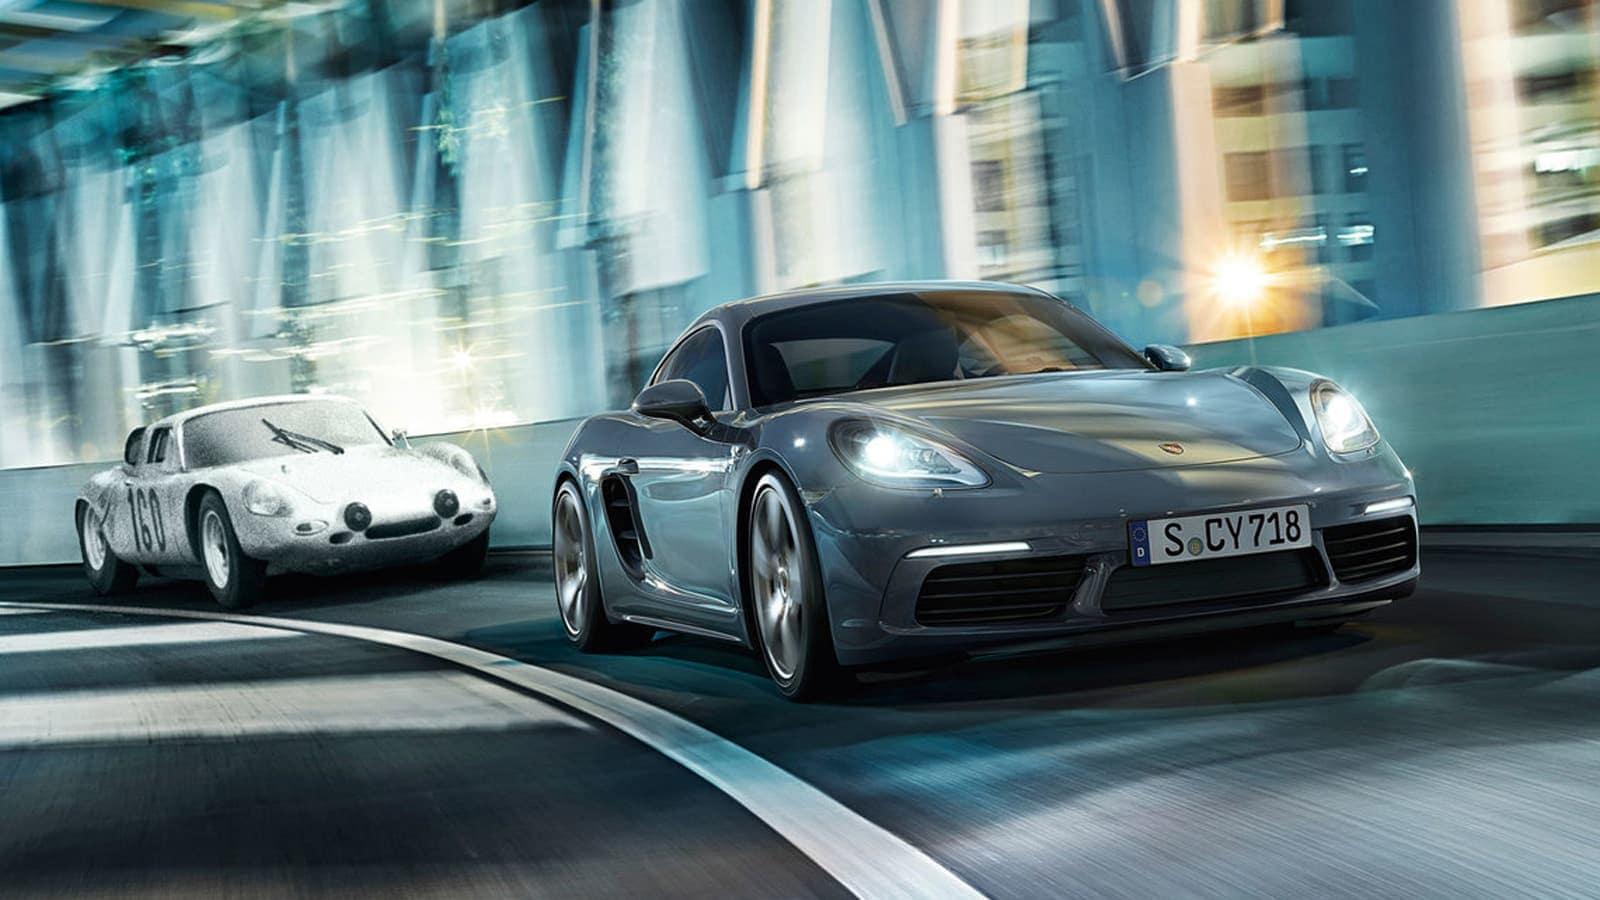 Porsche lights